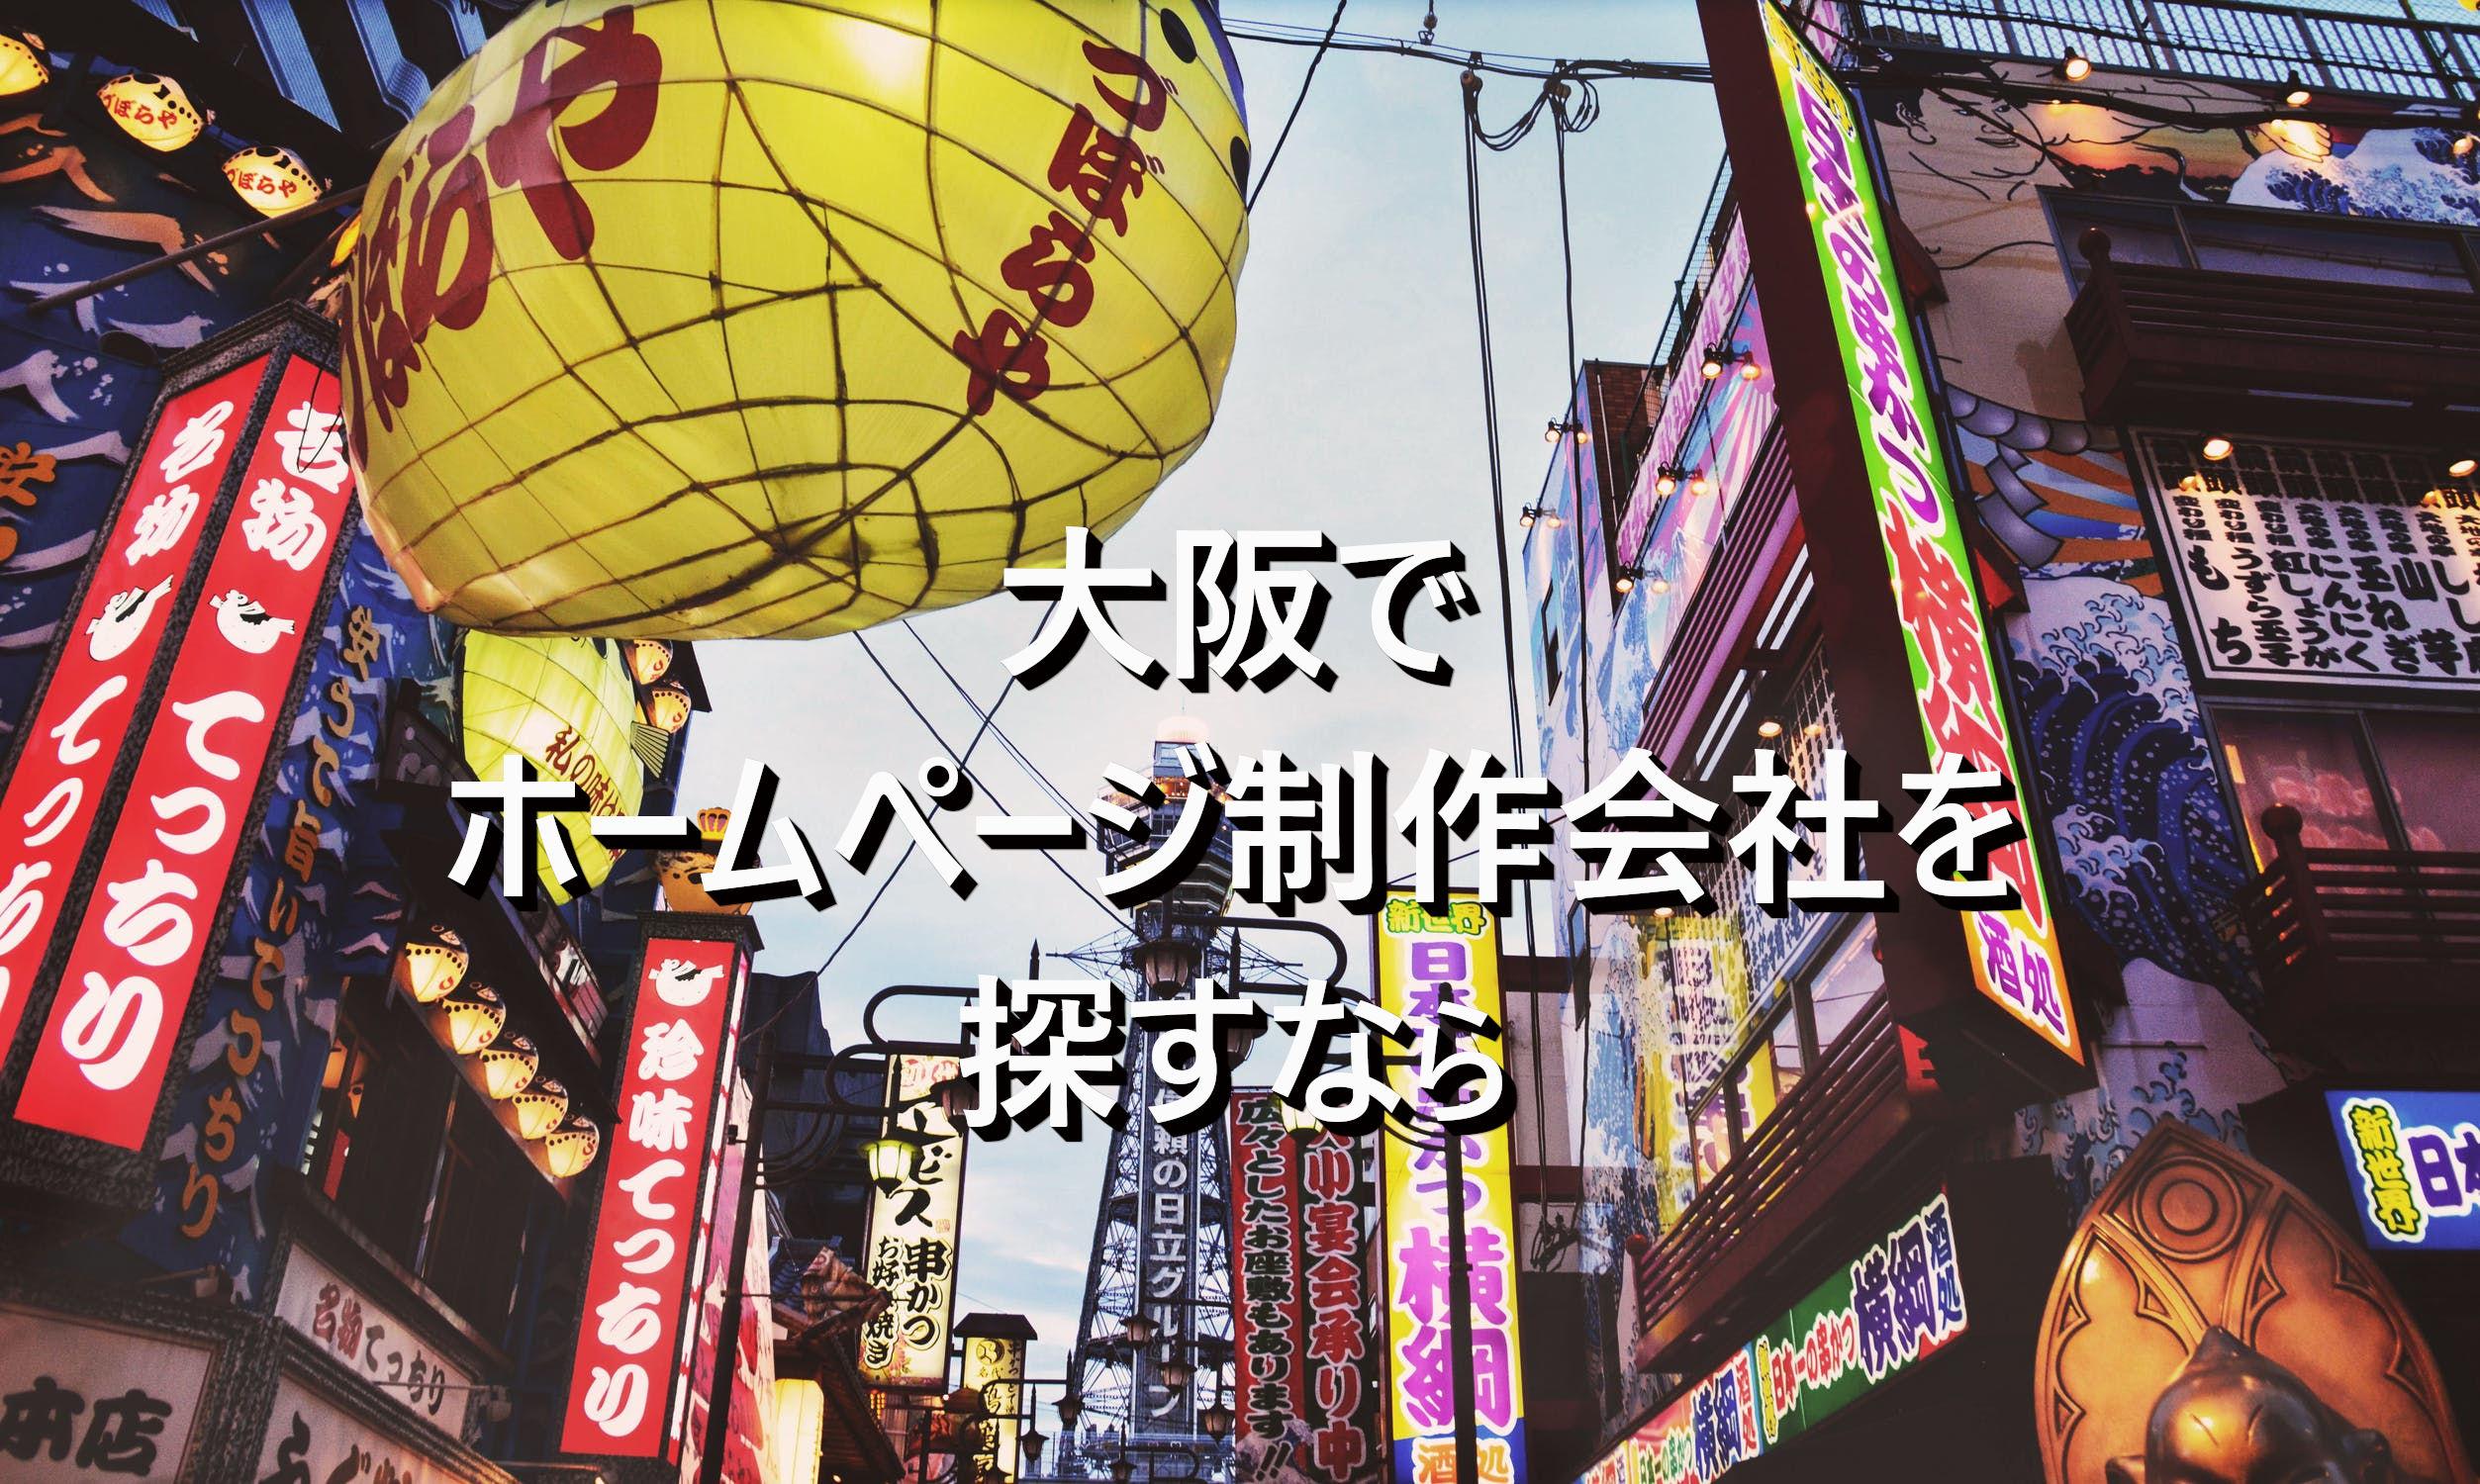 大阪でホームページ制作会社を探す方法